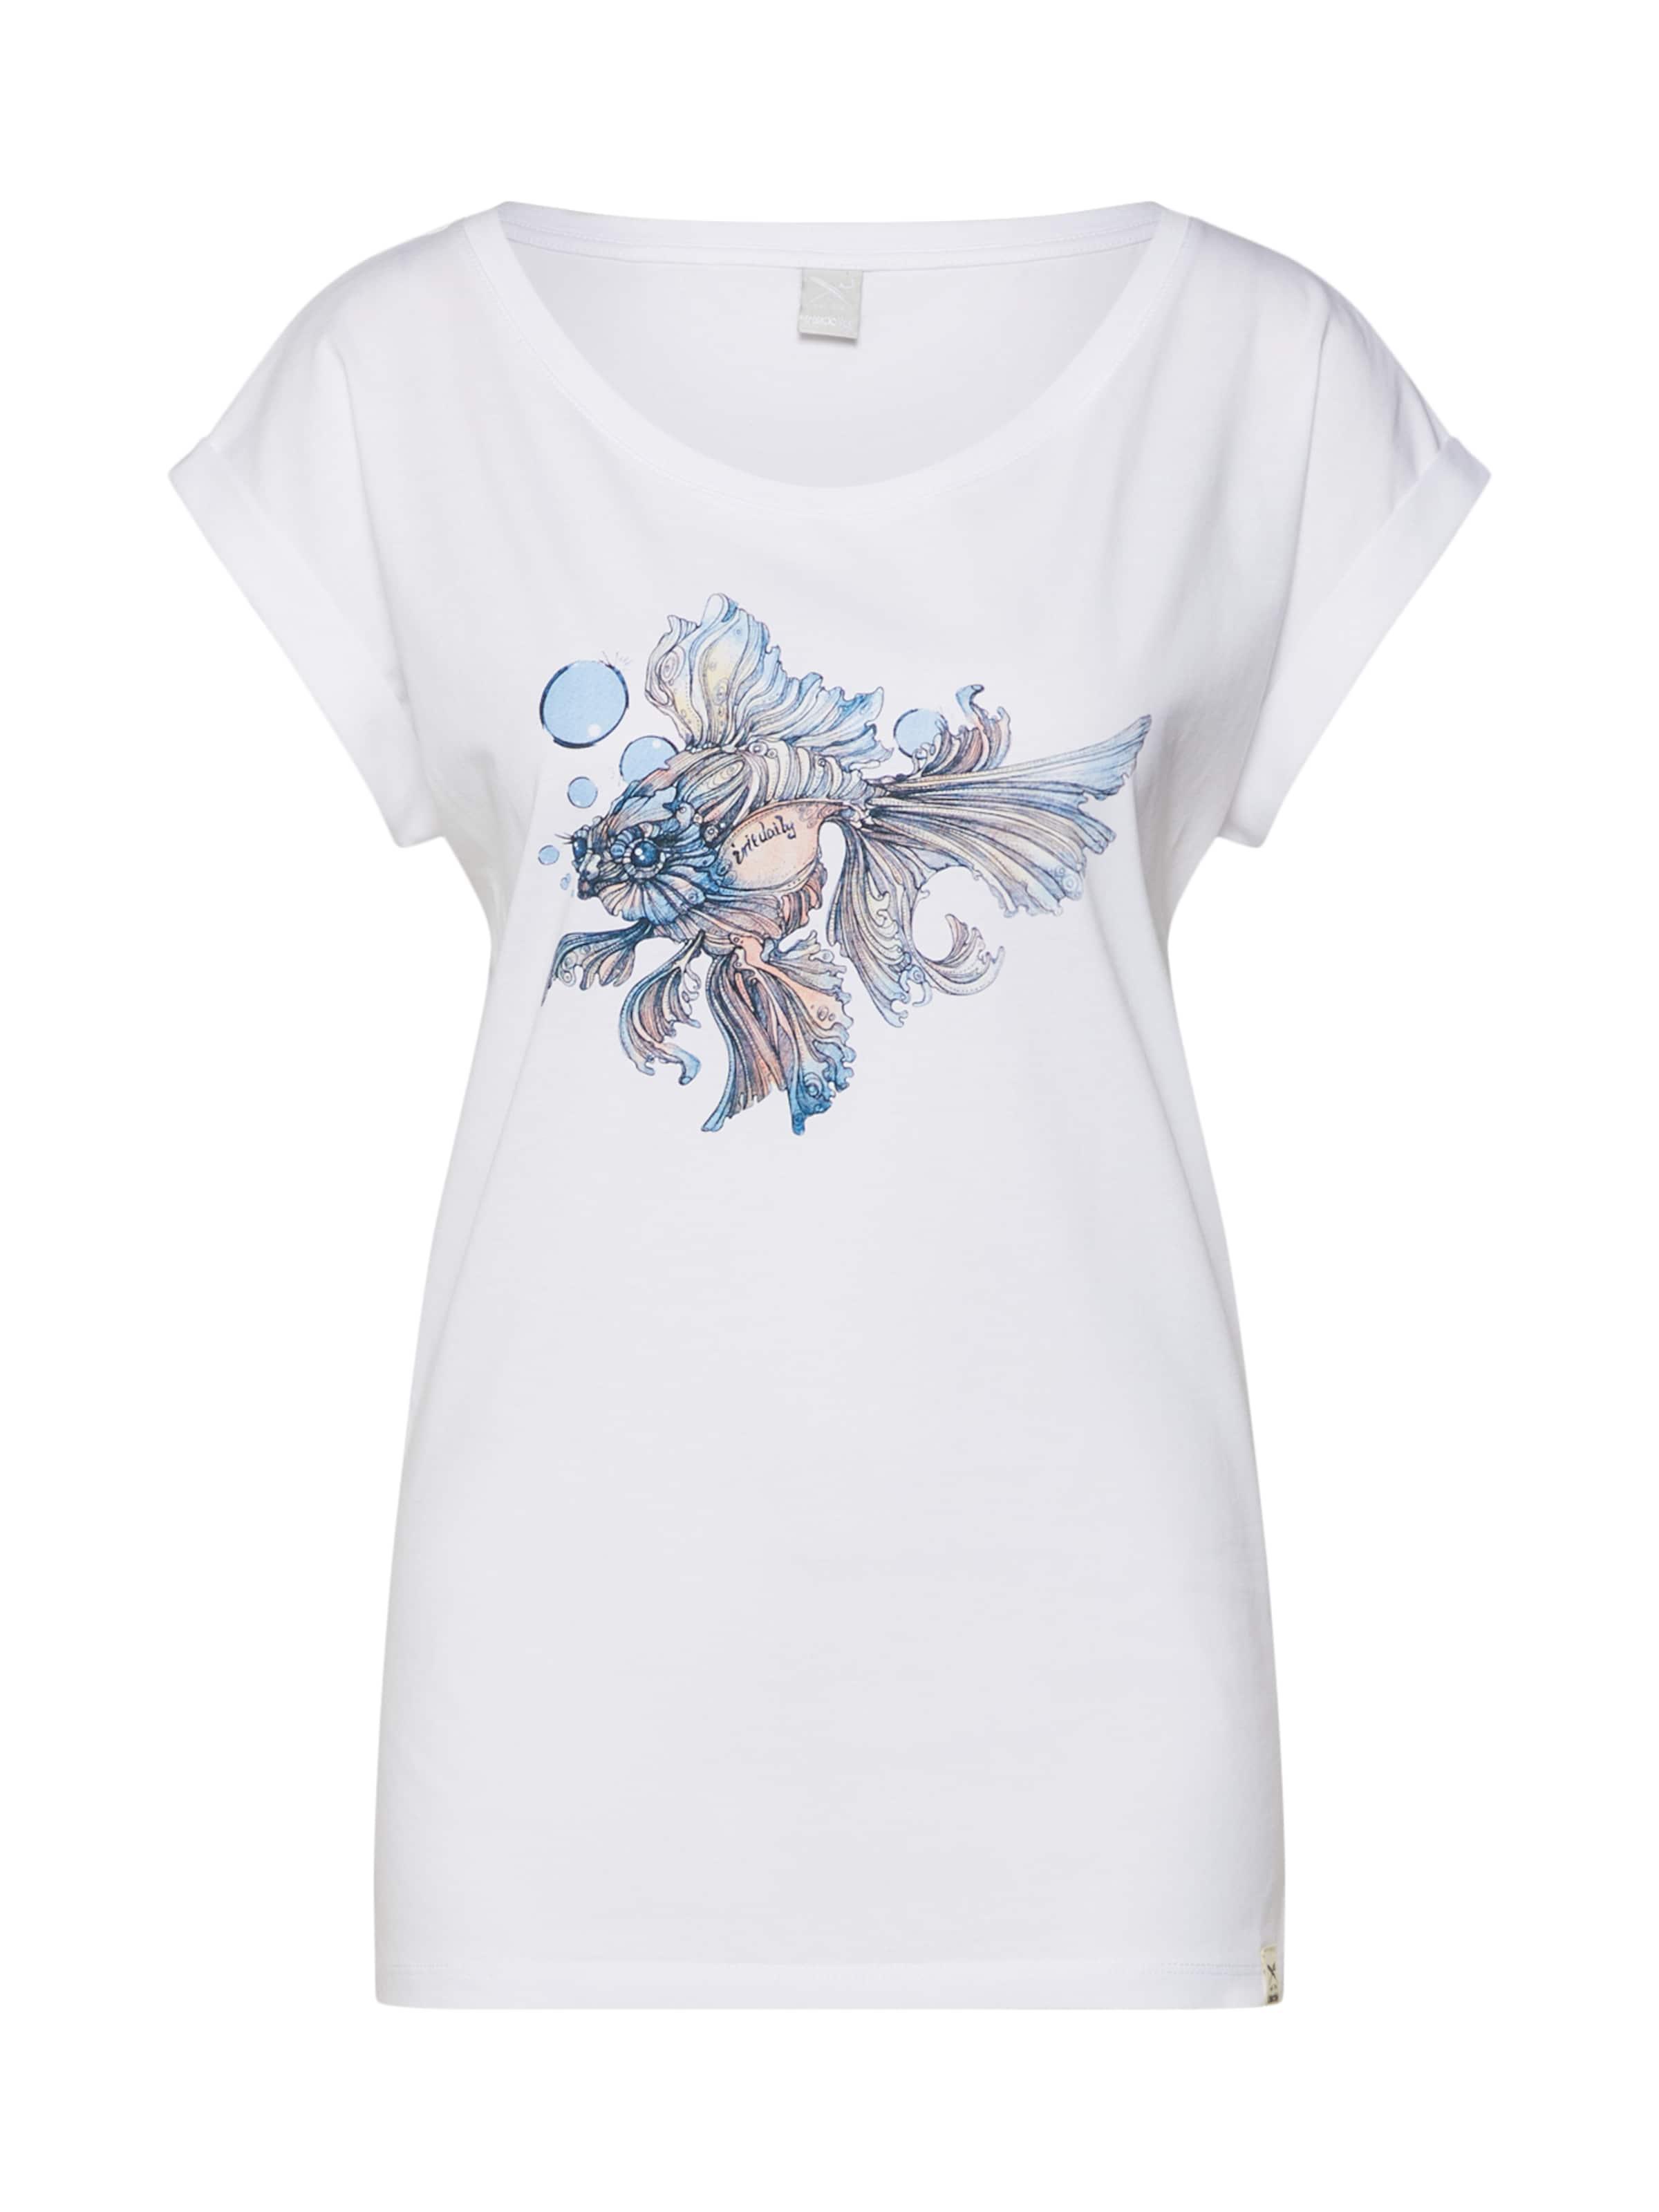 Tee' T Iriedaily En shirt Blanc 'bubble Fish wZ8knPN0OX